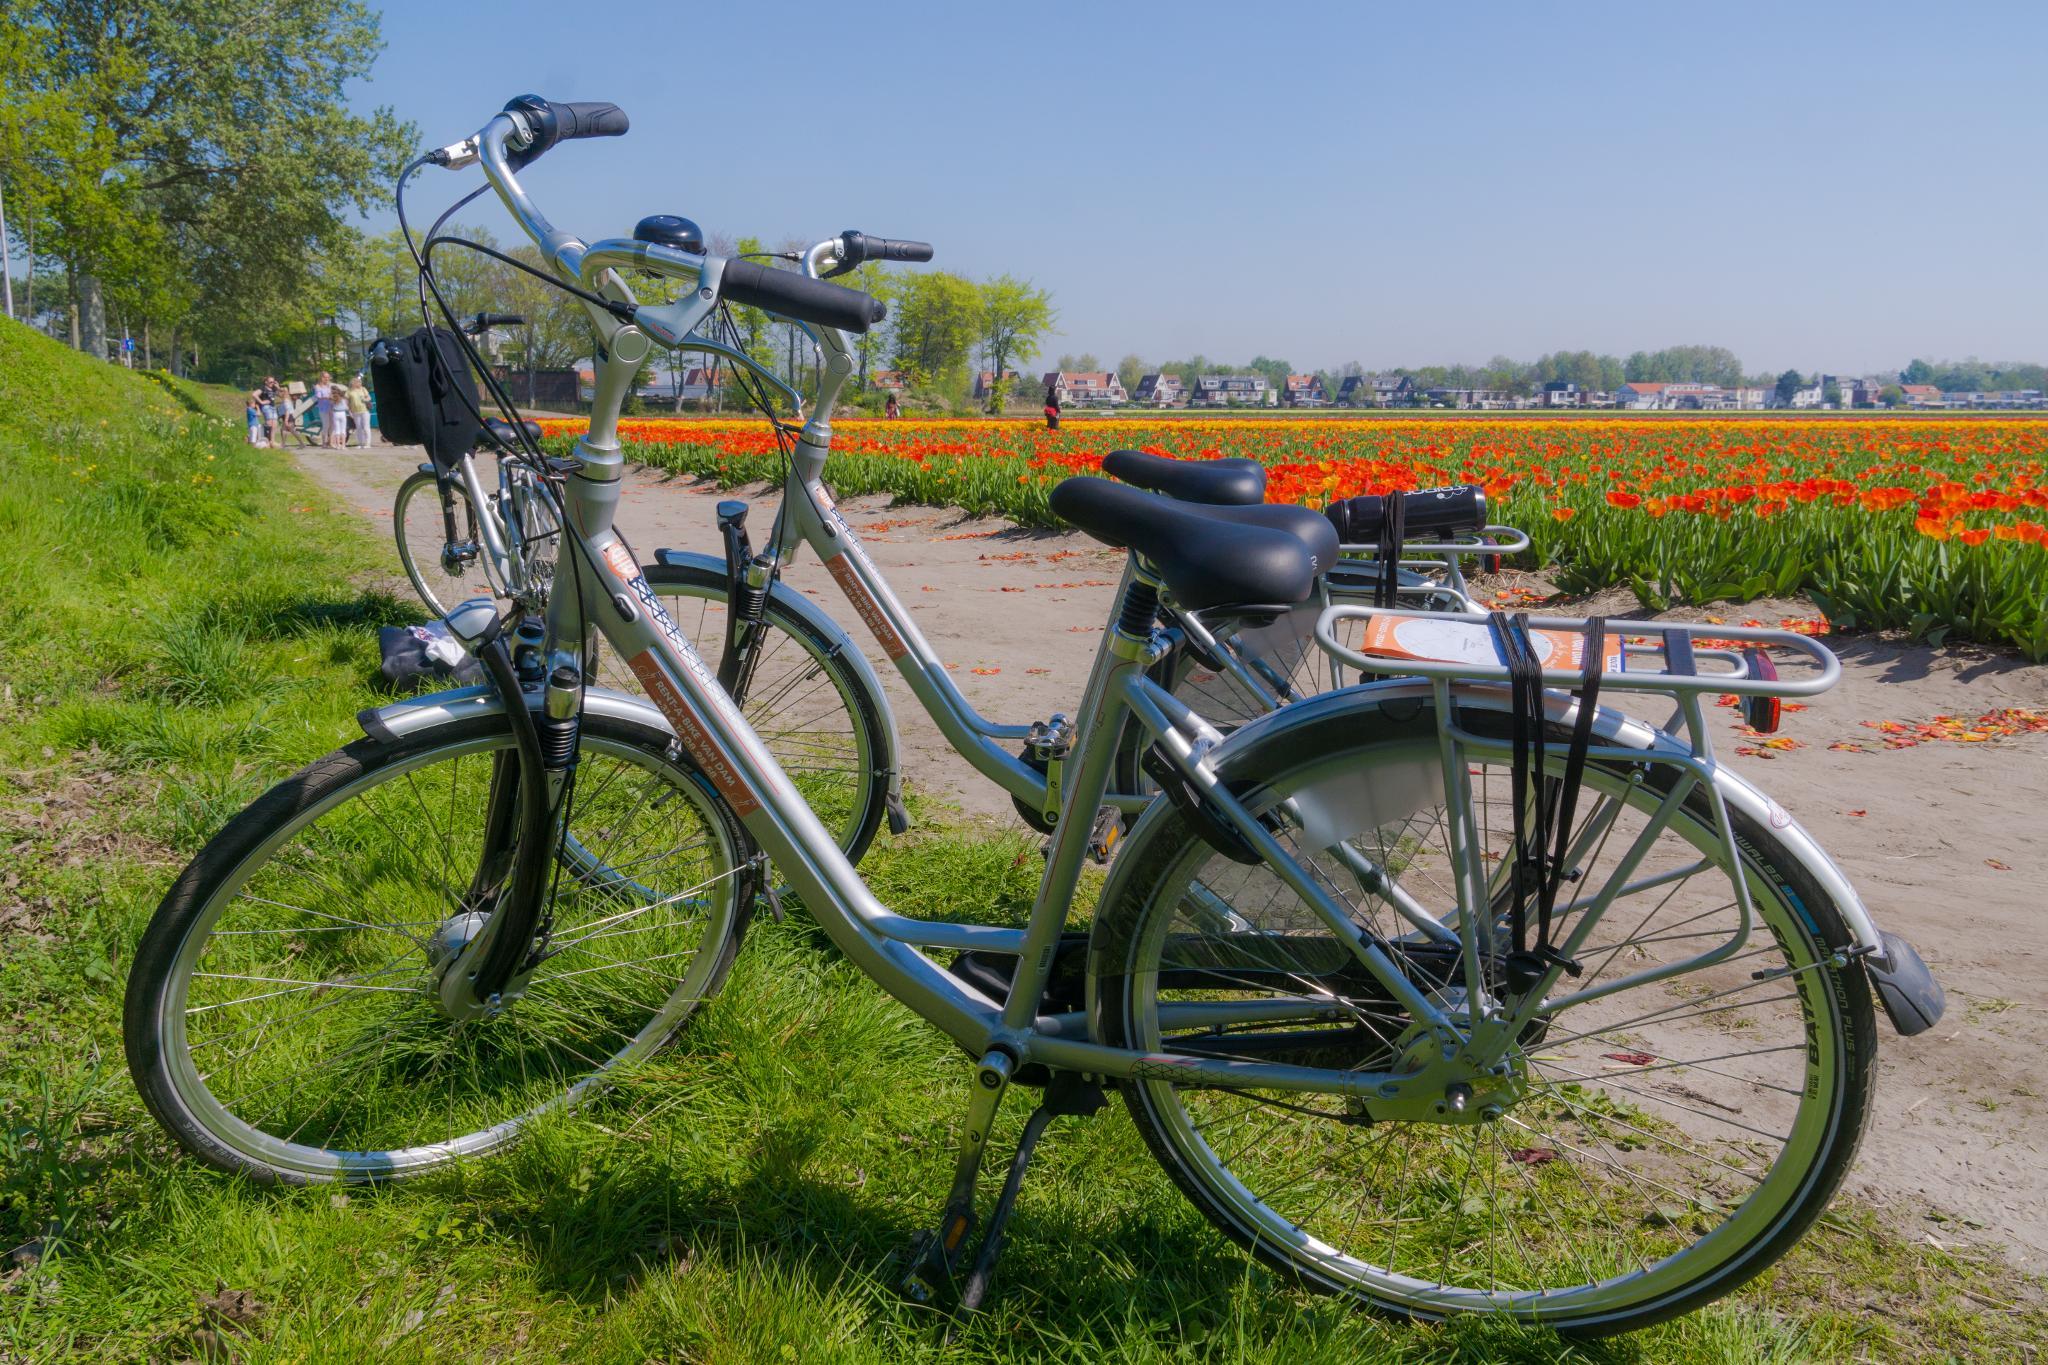 【荷蘭印象】花田嬉事:荷蘭單車花之路 20